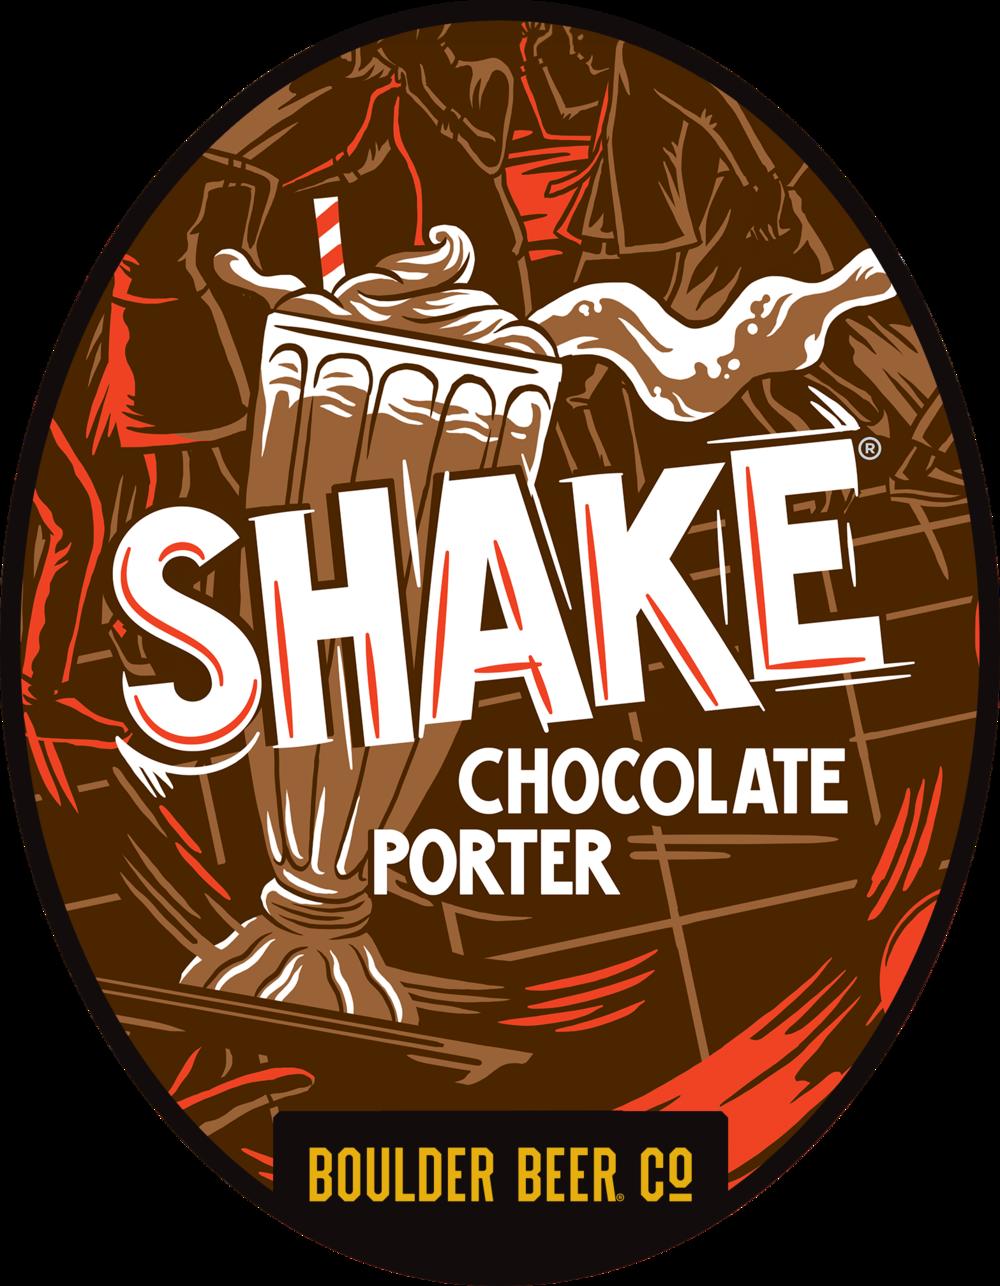 04675-1.4 Boulder Beer Shake Oval.png